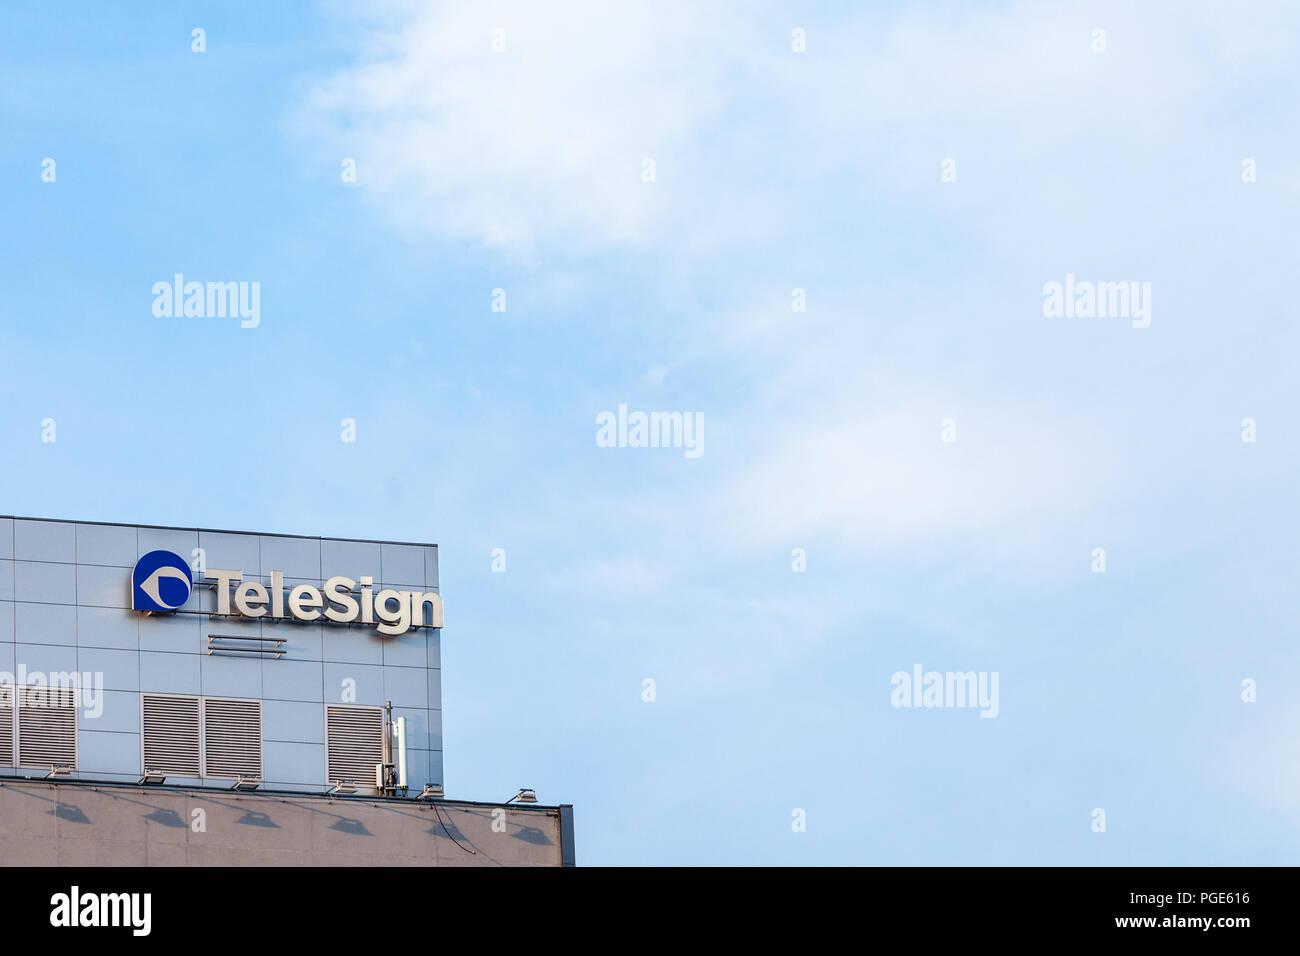 BELGRADE, SERBIE - août 21, 2018: Logo Telesign sur leur bureau principal pour la Serbie. TeleSign est une plate-forme de communications en tant que service (PaaS une entreprise Photo Stock